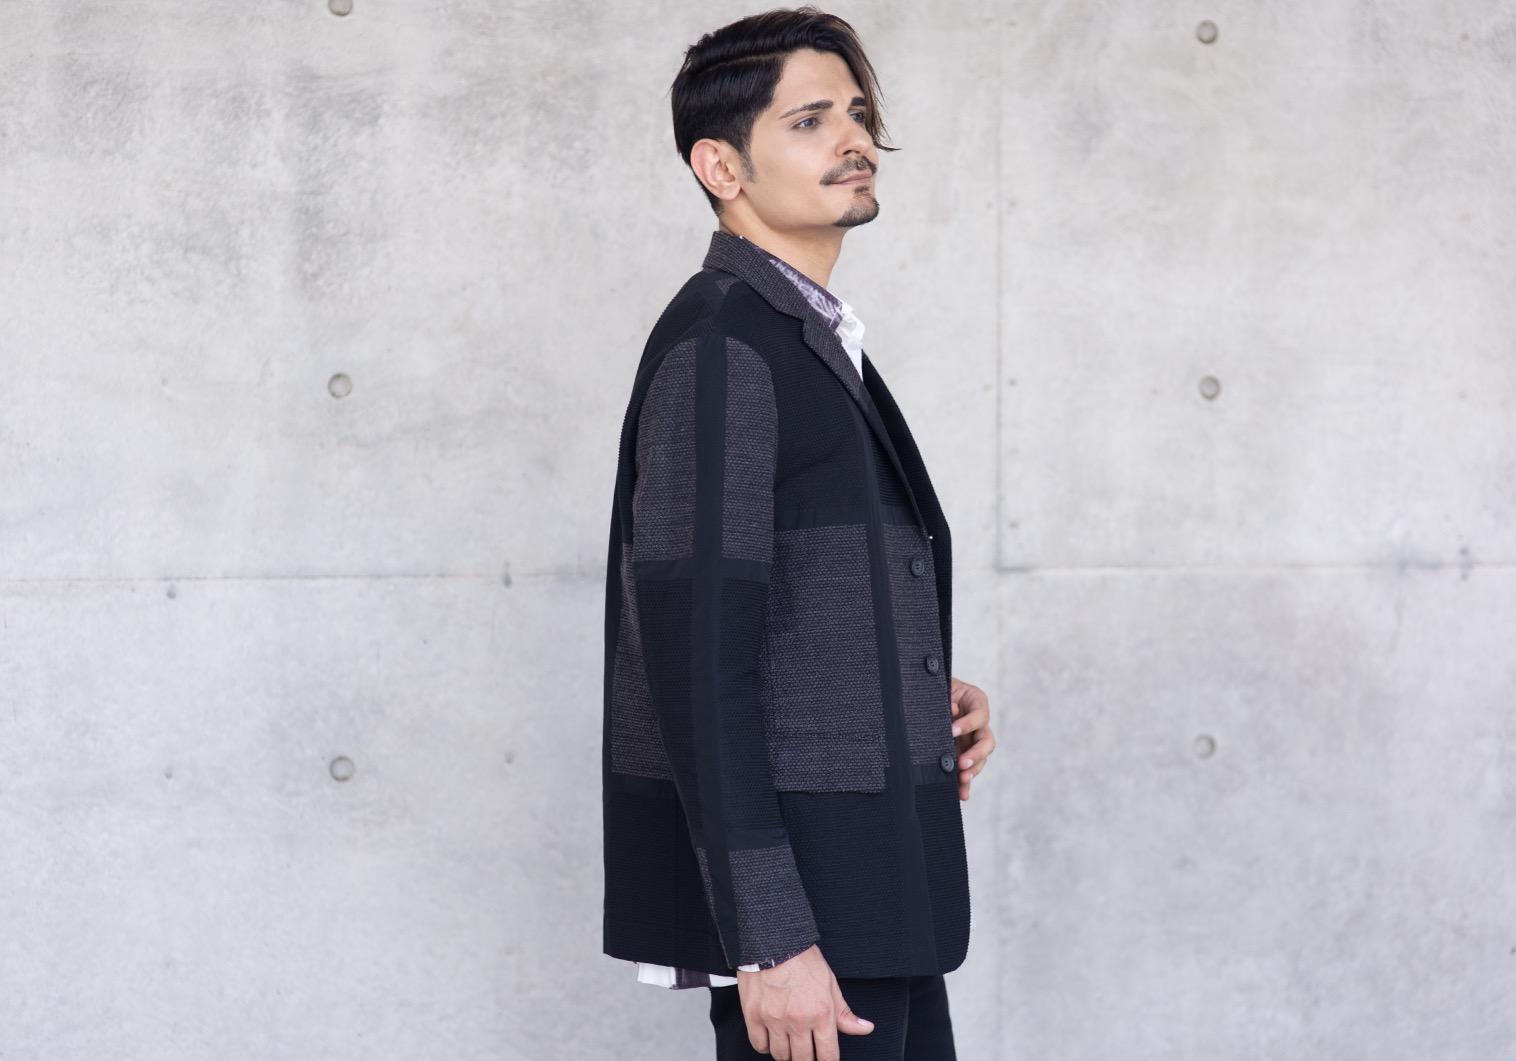 ISSEY MIYAKE MEN Secondhand clothing